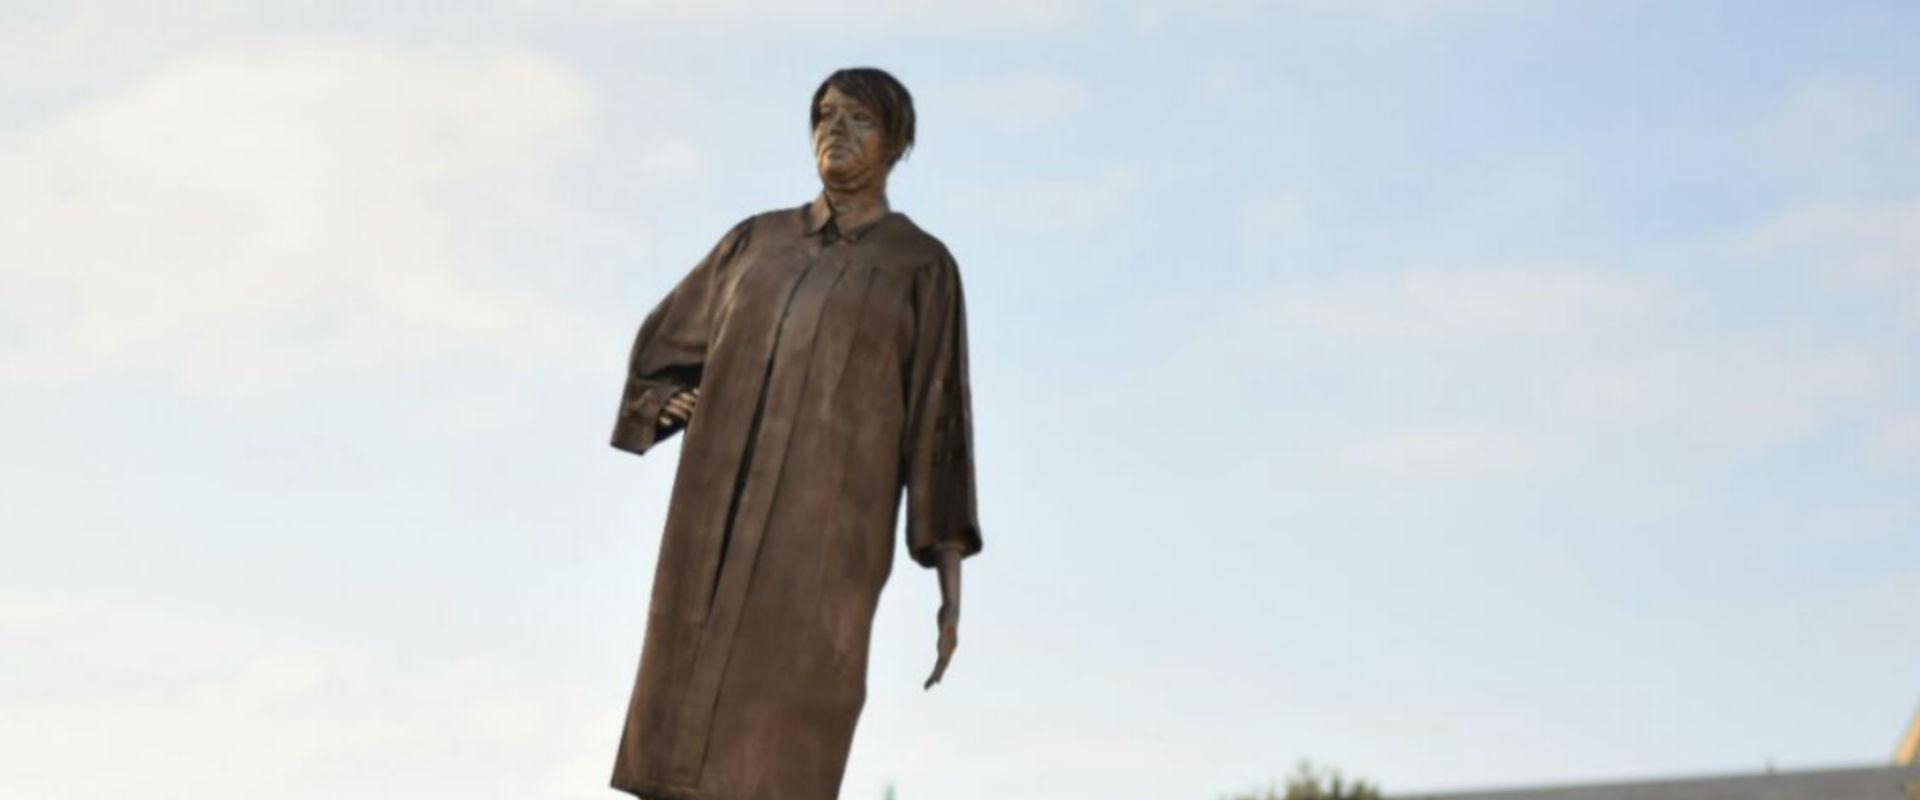 הפסל של מרים נאור, הבוקר